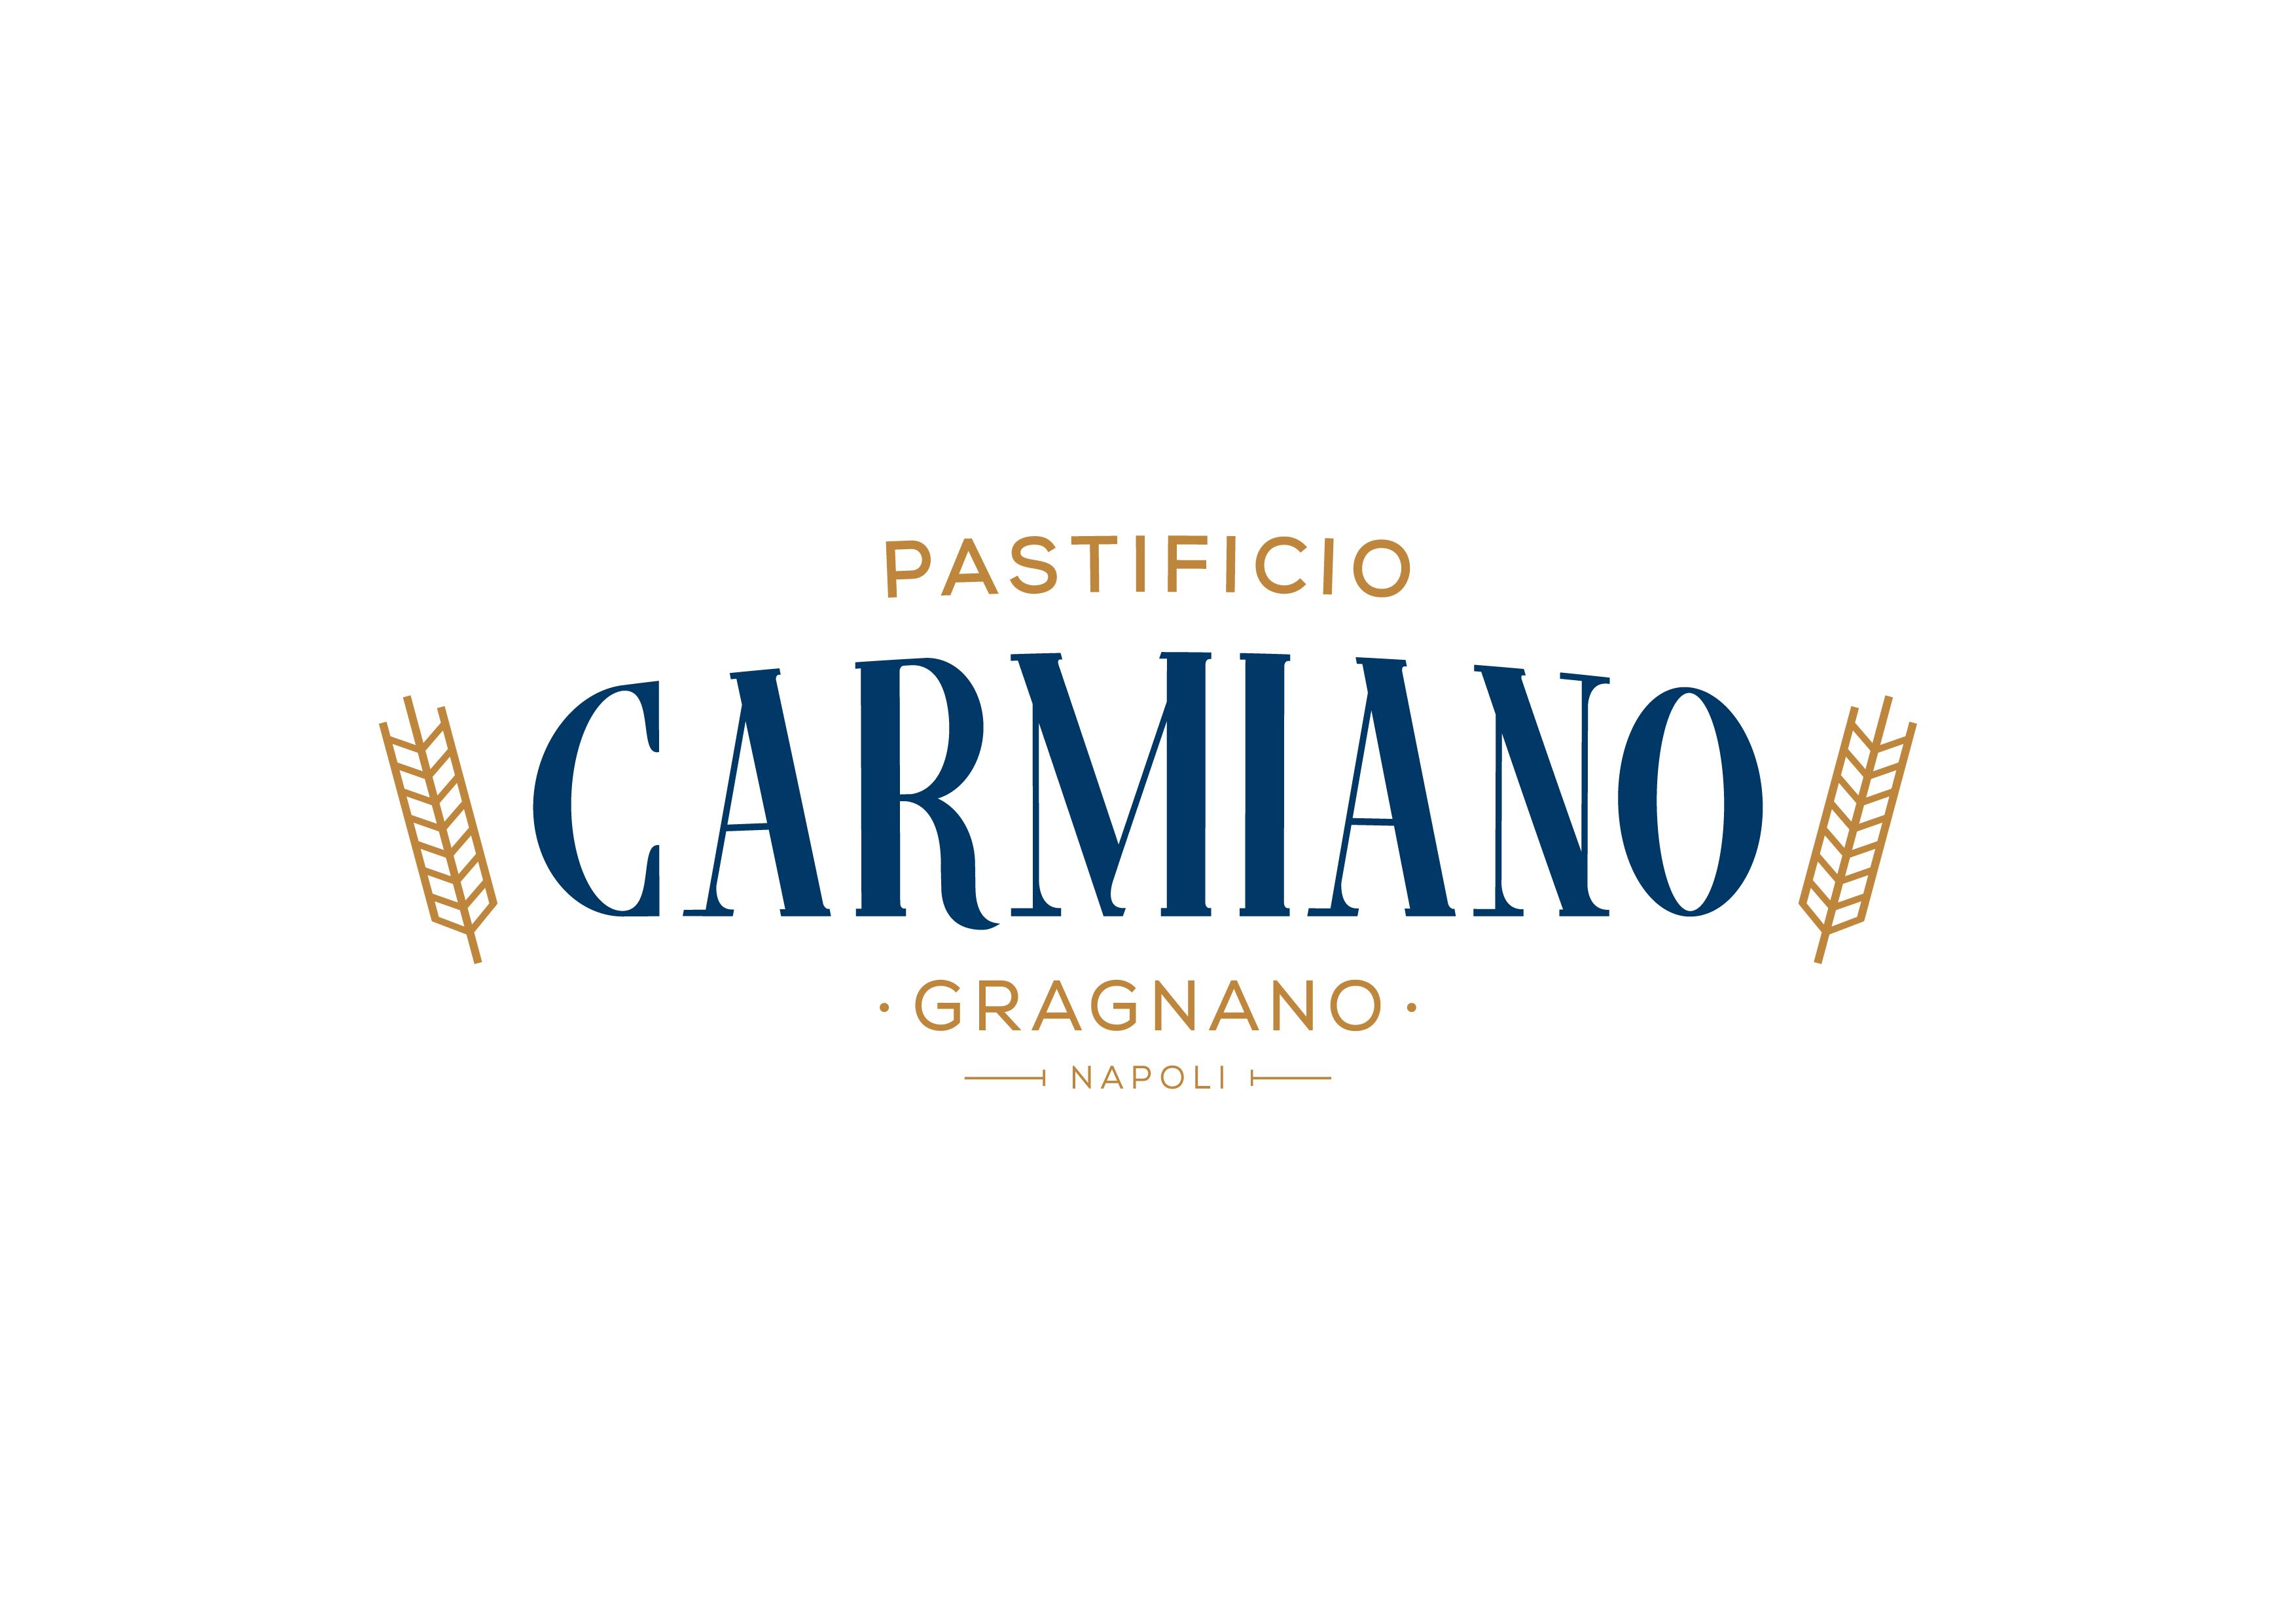 Pastificio Carmiano